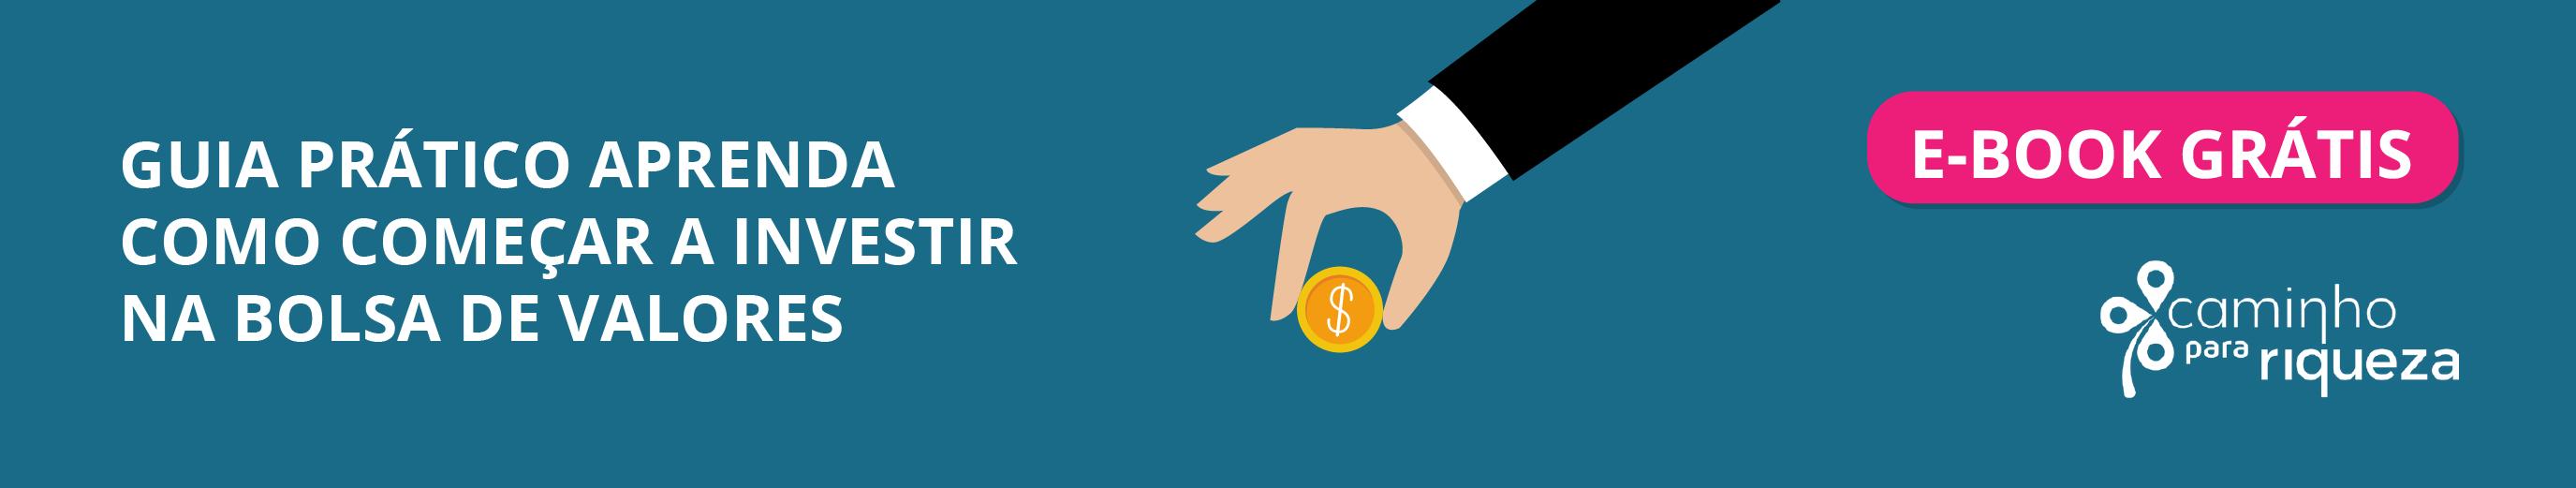 Guia prático aprenda como começar a investir na Bolsa de Valores - banner